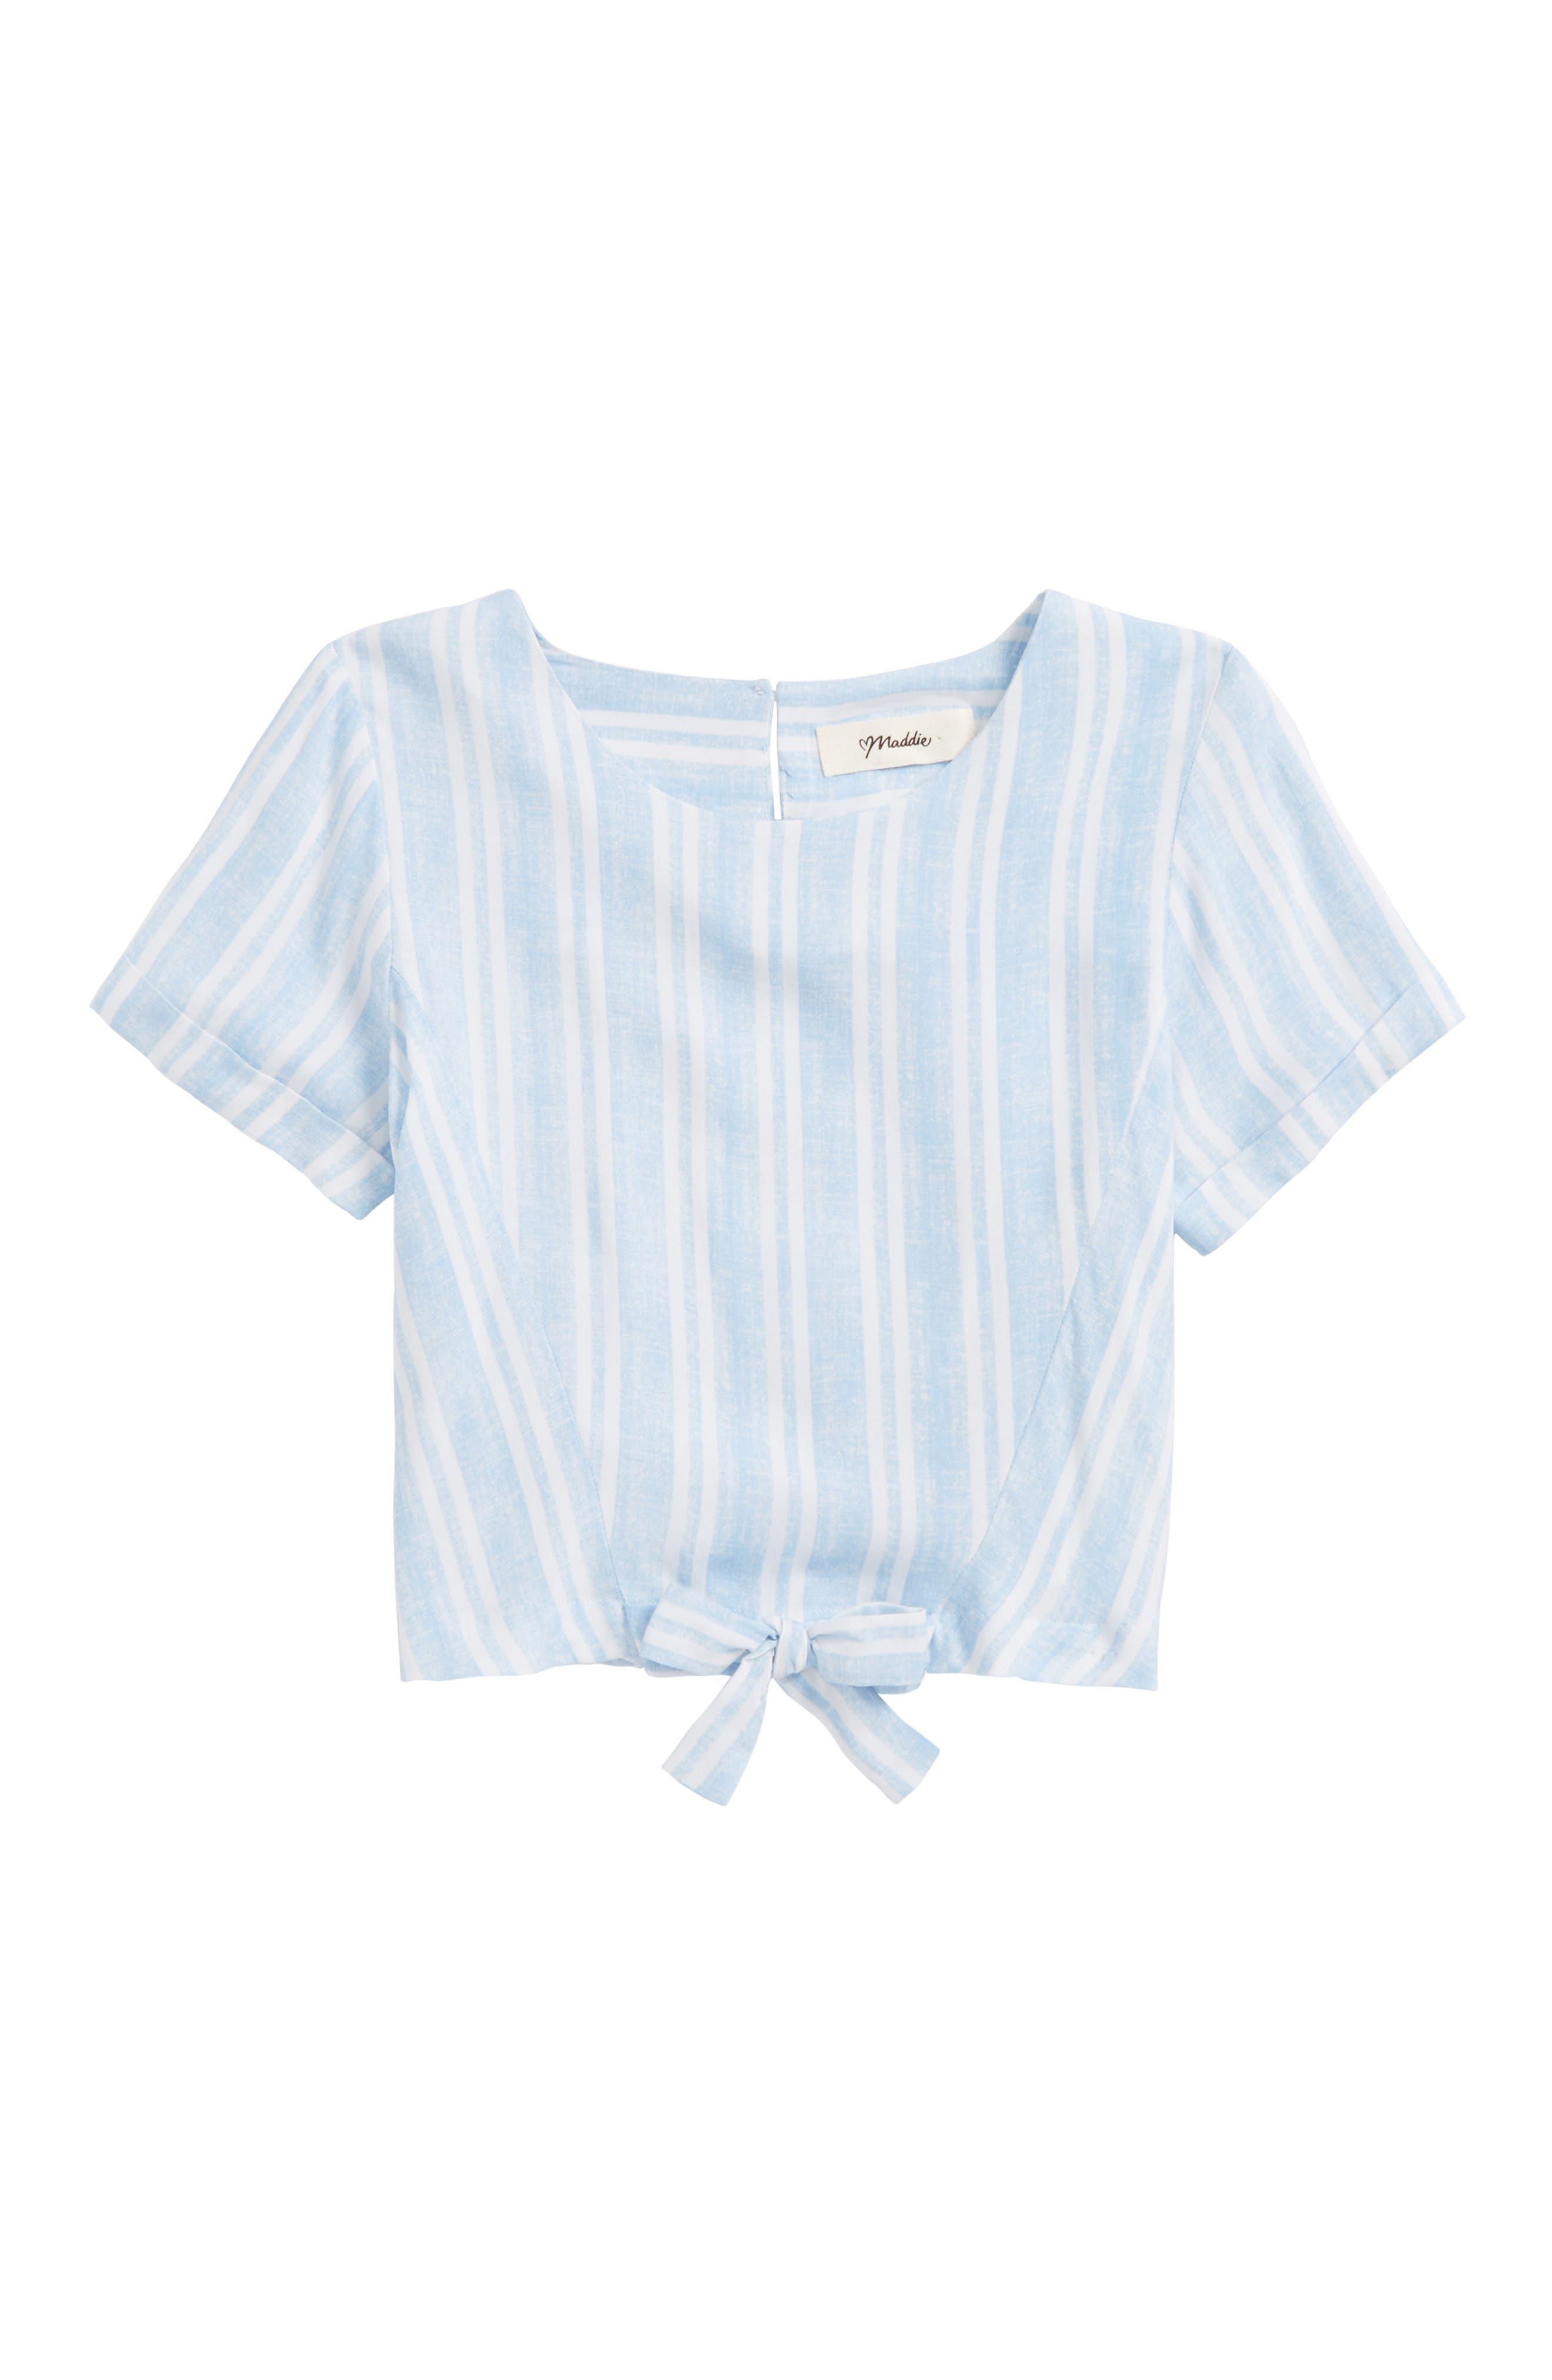 Tie Front Shirt,                             Main thumbnail 1, color,                             Light Blue/ White